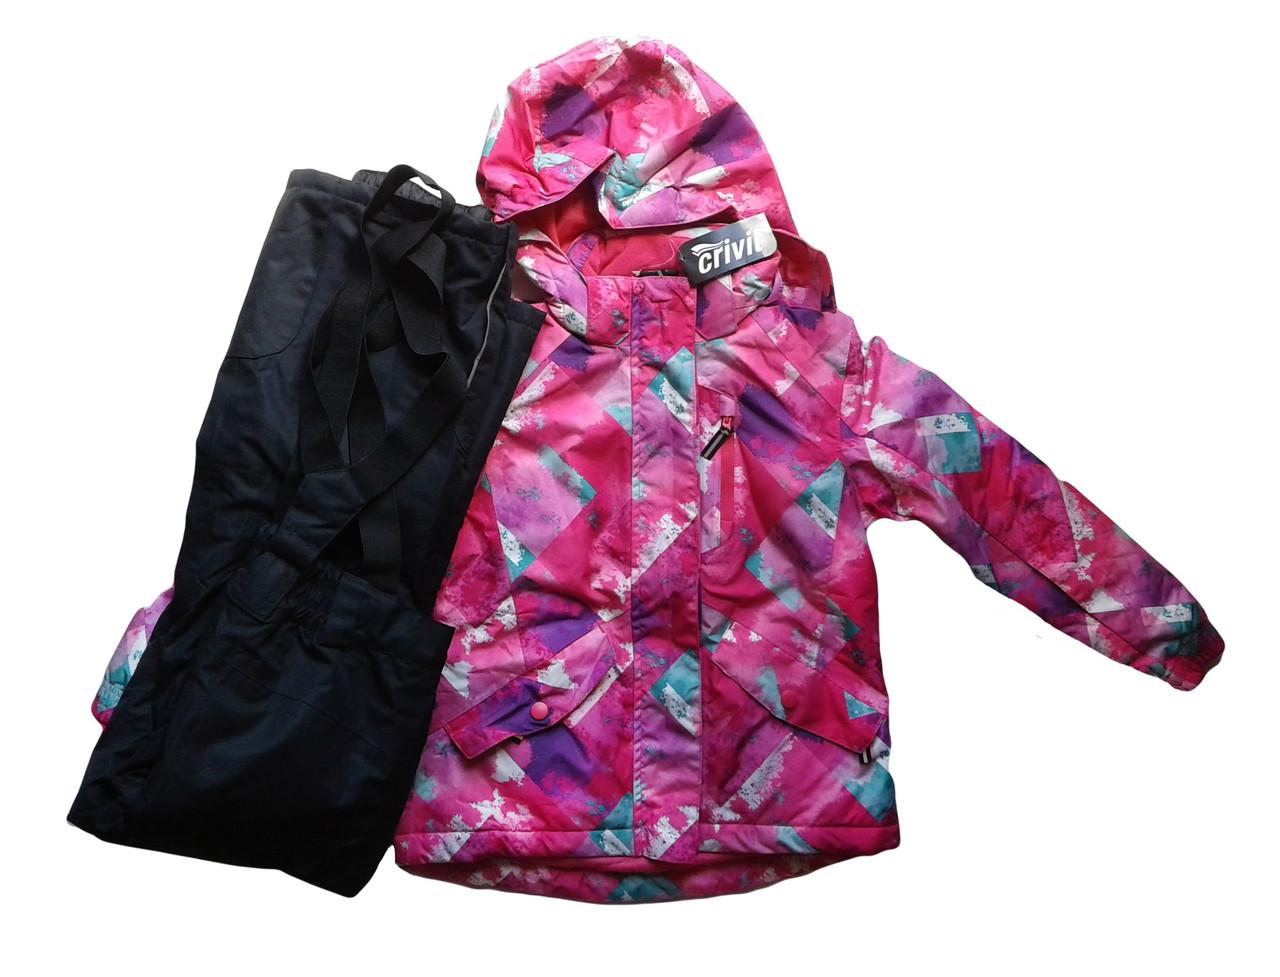 Комбинезон с курткой для девочки, Lupilu, размер 122/128,  арт. Л-429